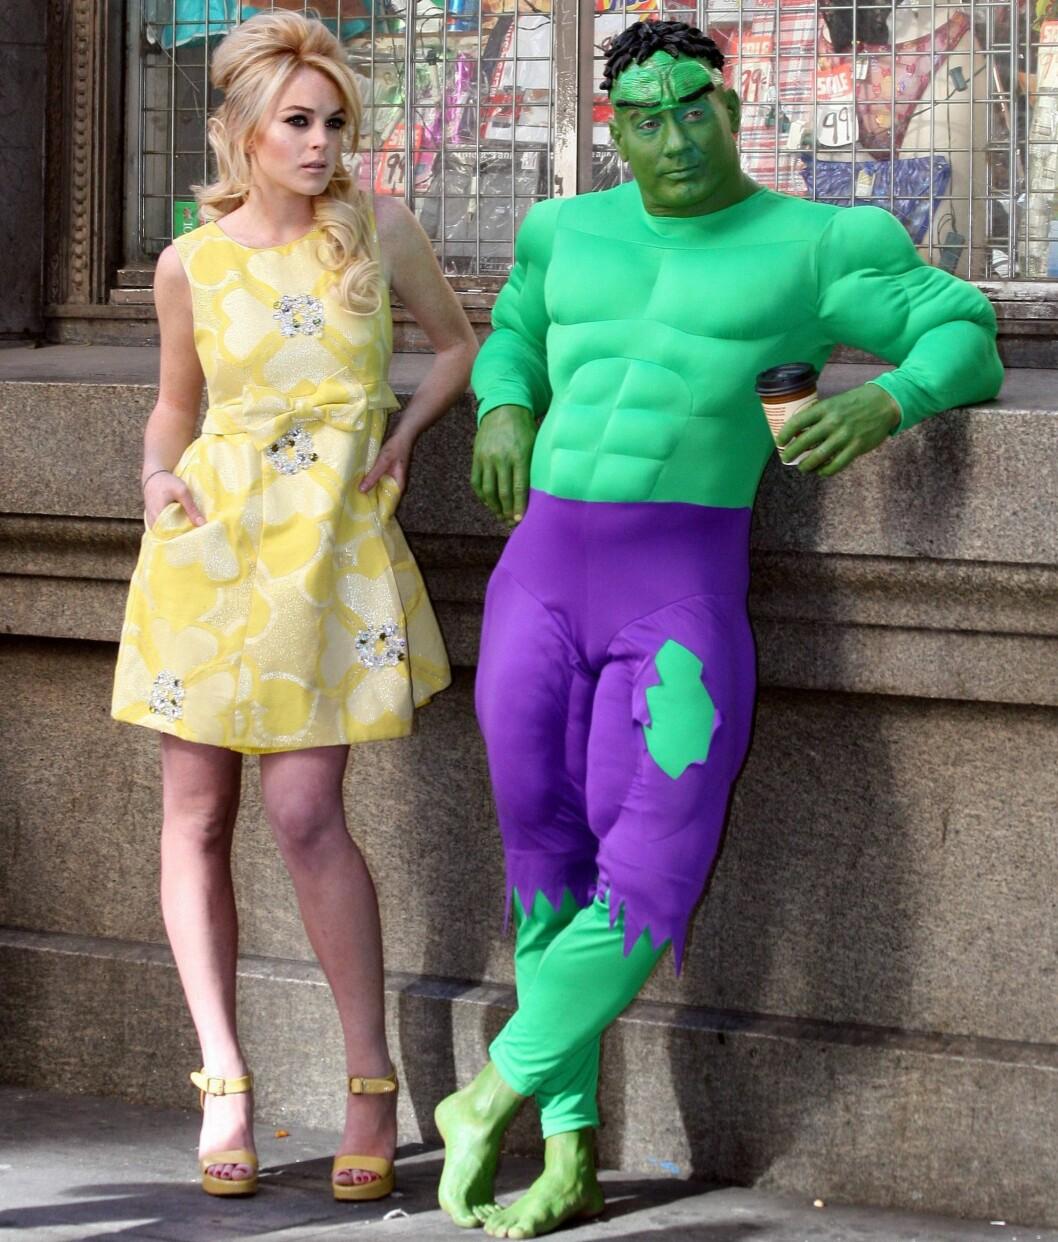 50-tallsbaben Lindsay og Hulk kulern på gatehjørnet.